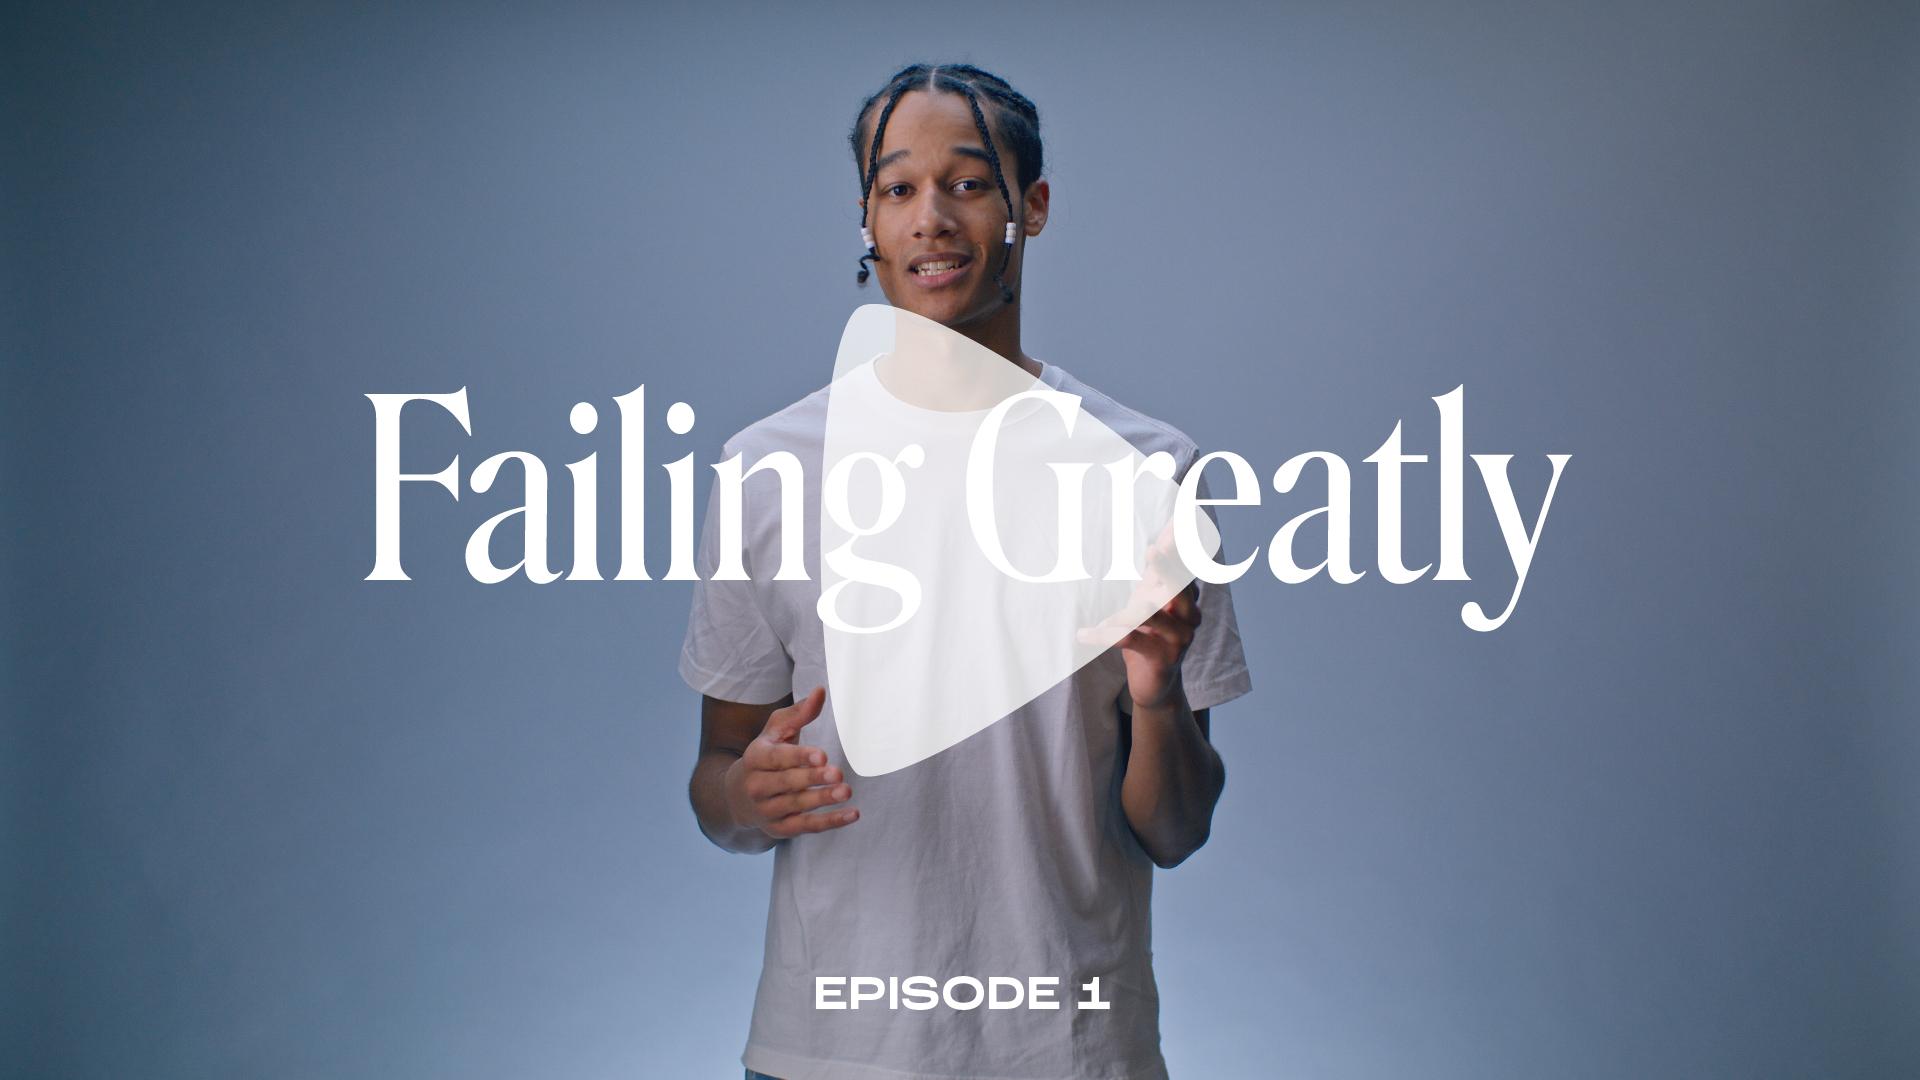 FailingGreatly